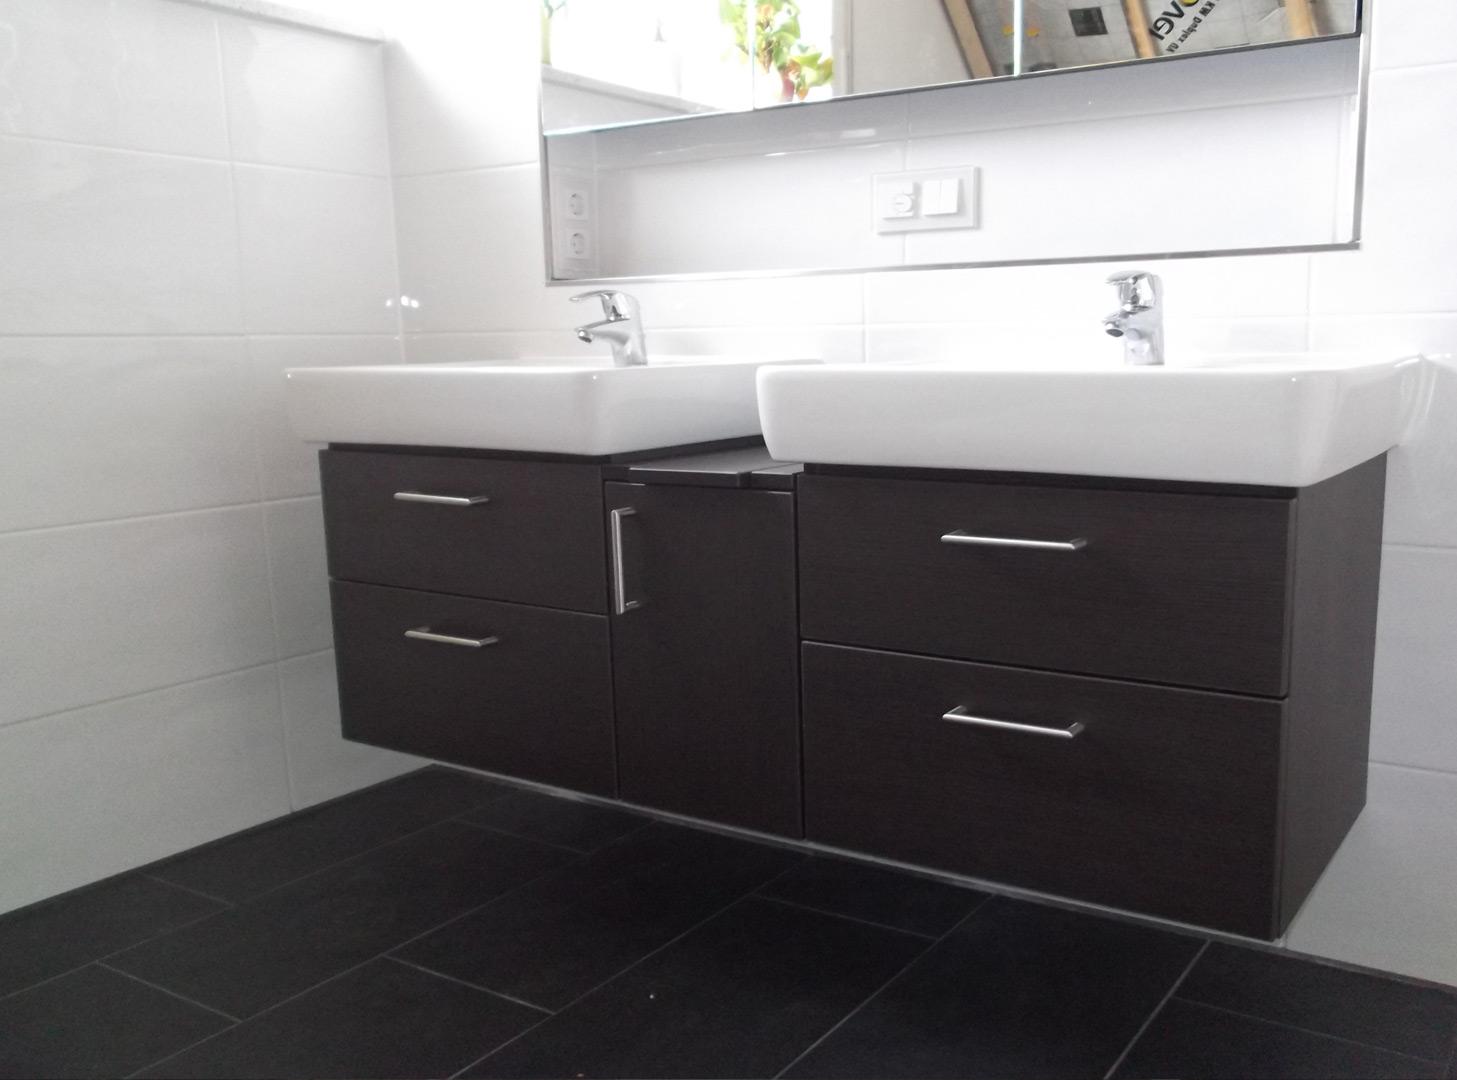 referenzen schreinermeister robert mayer. Black Bedroom Furniture Sets. Home Design Ideas